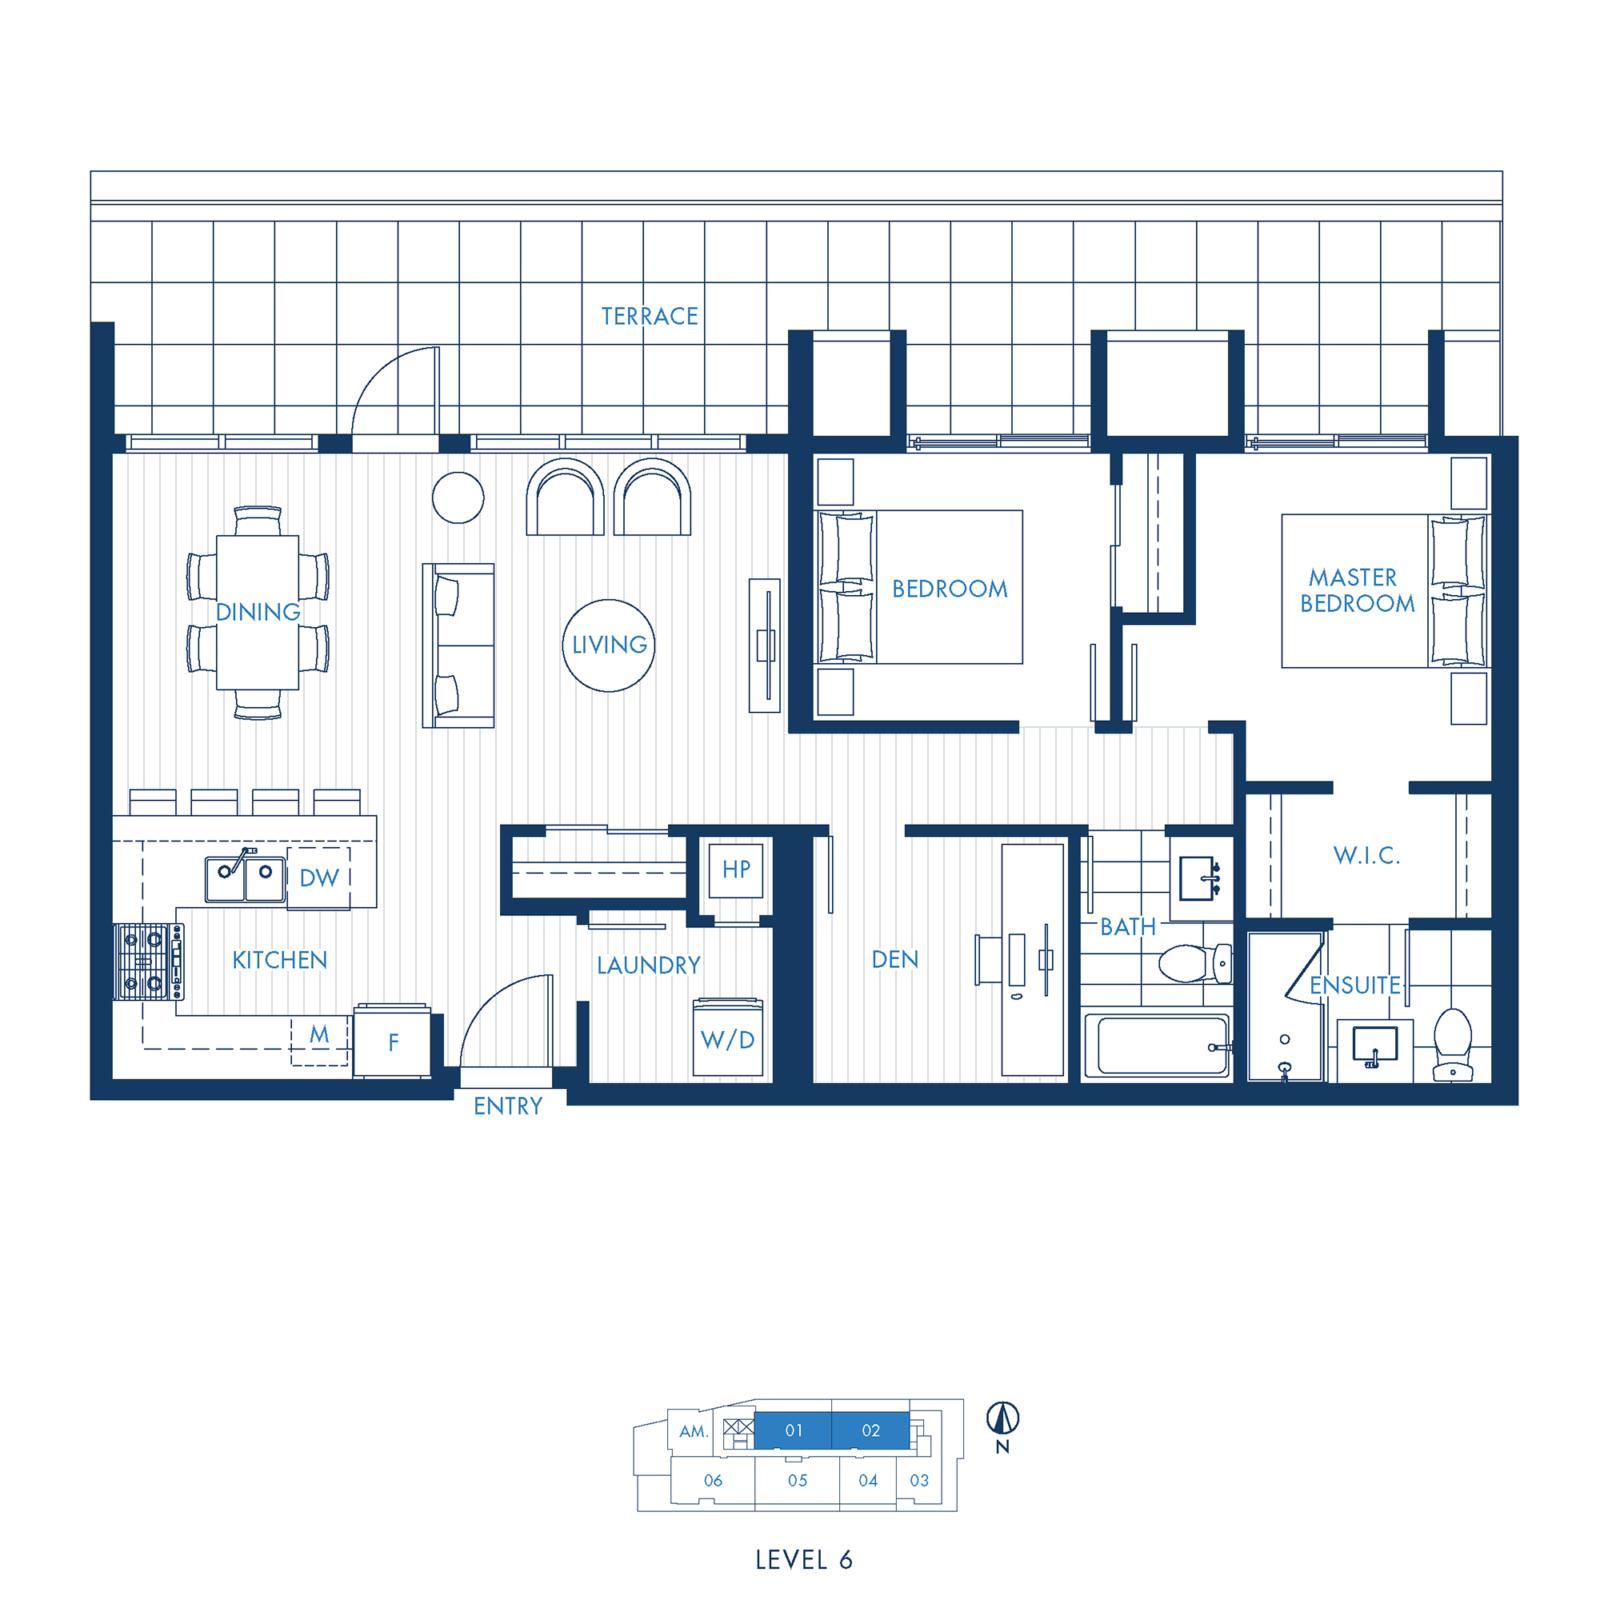 North Building Plan K